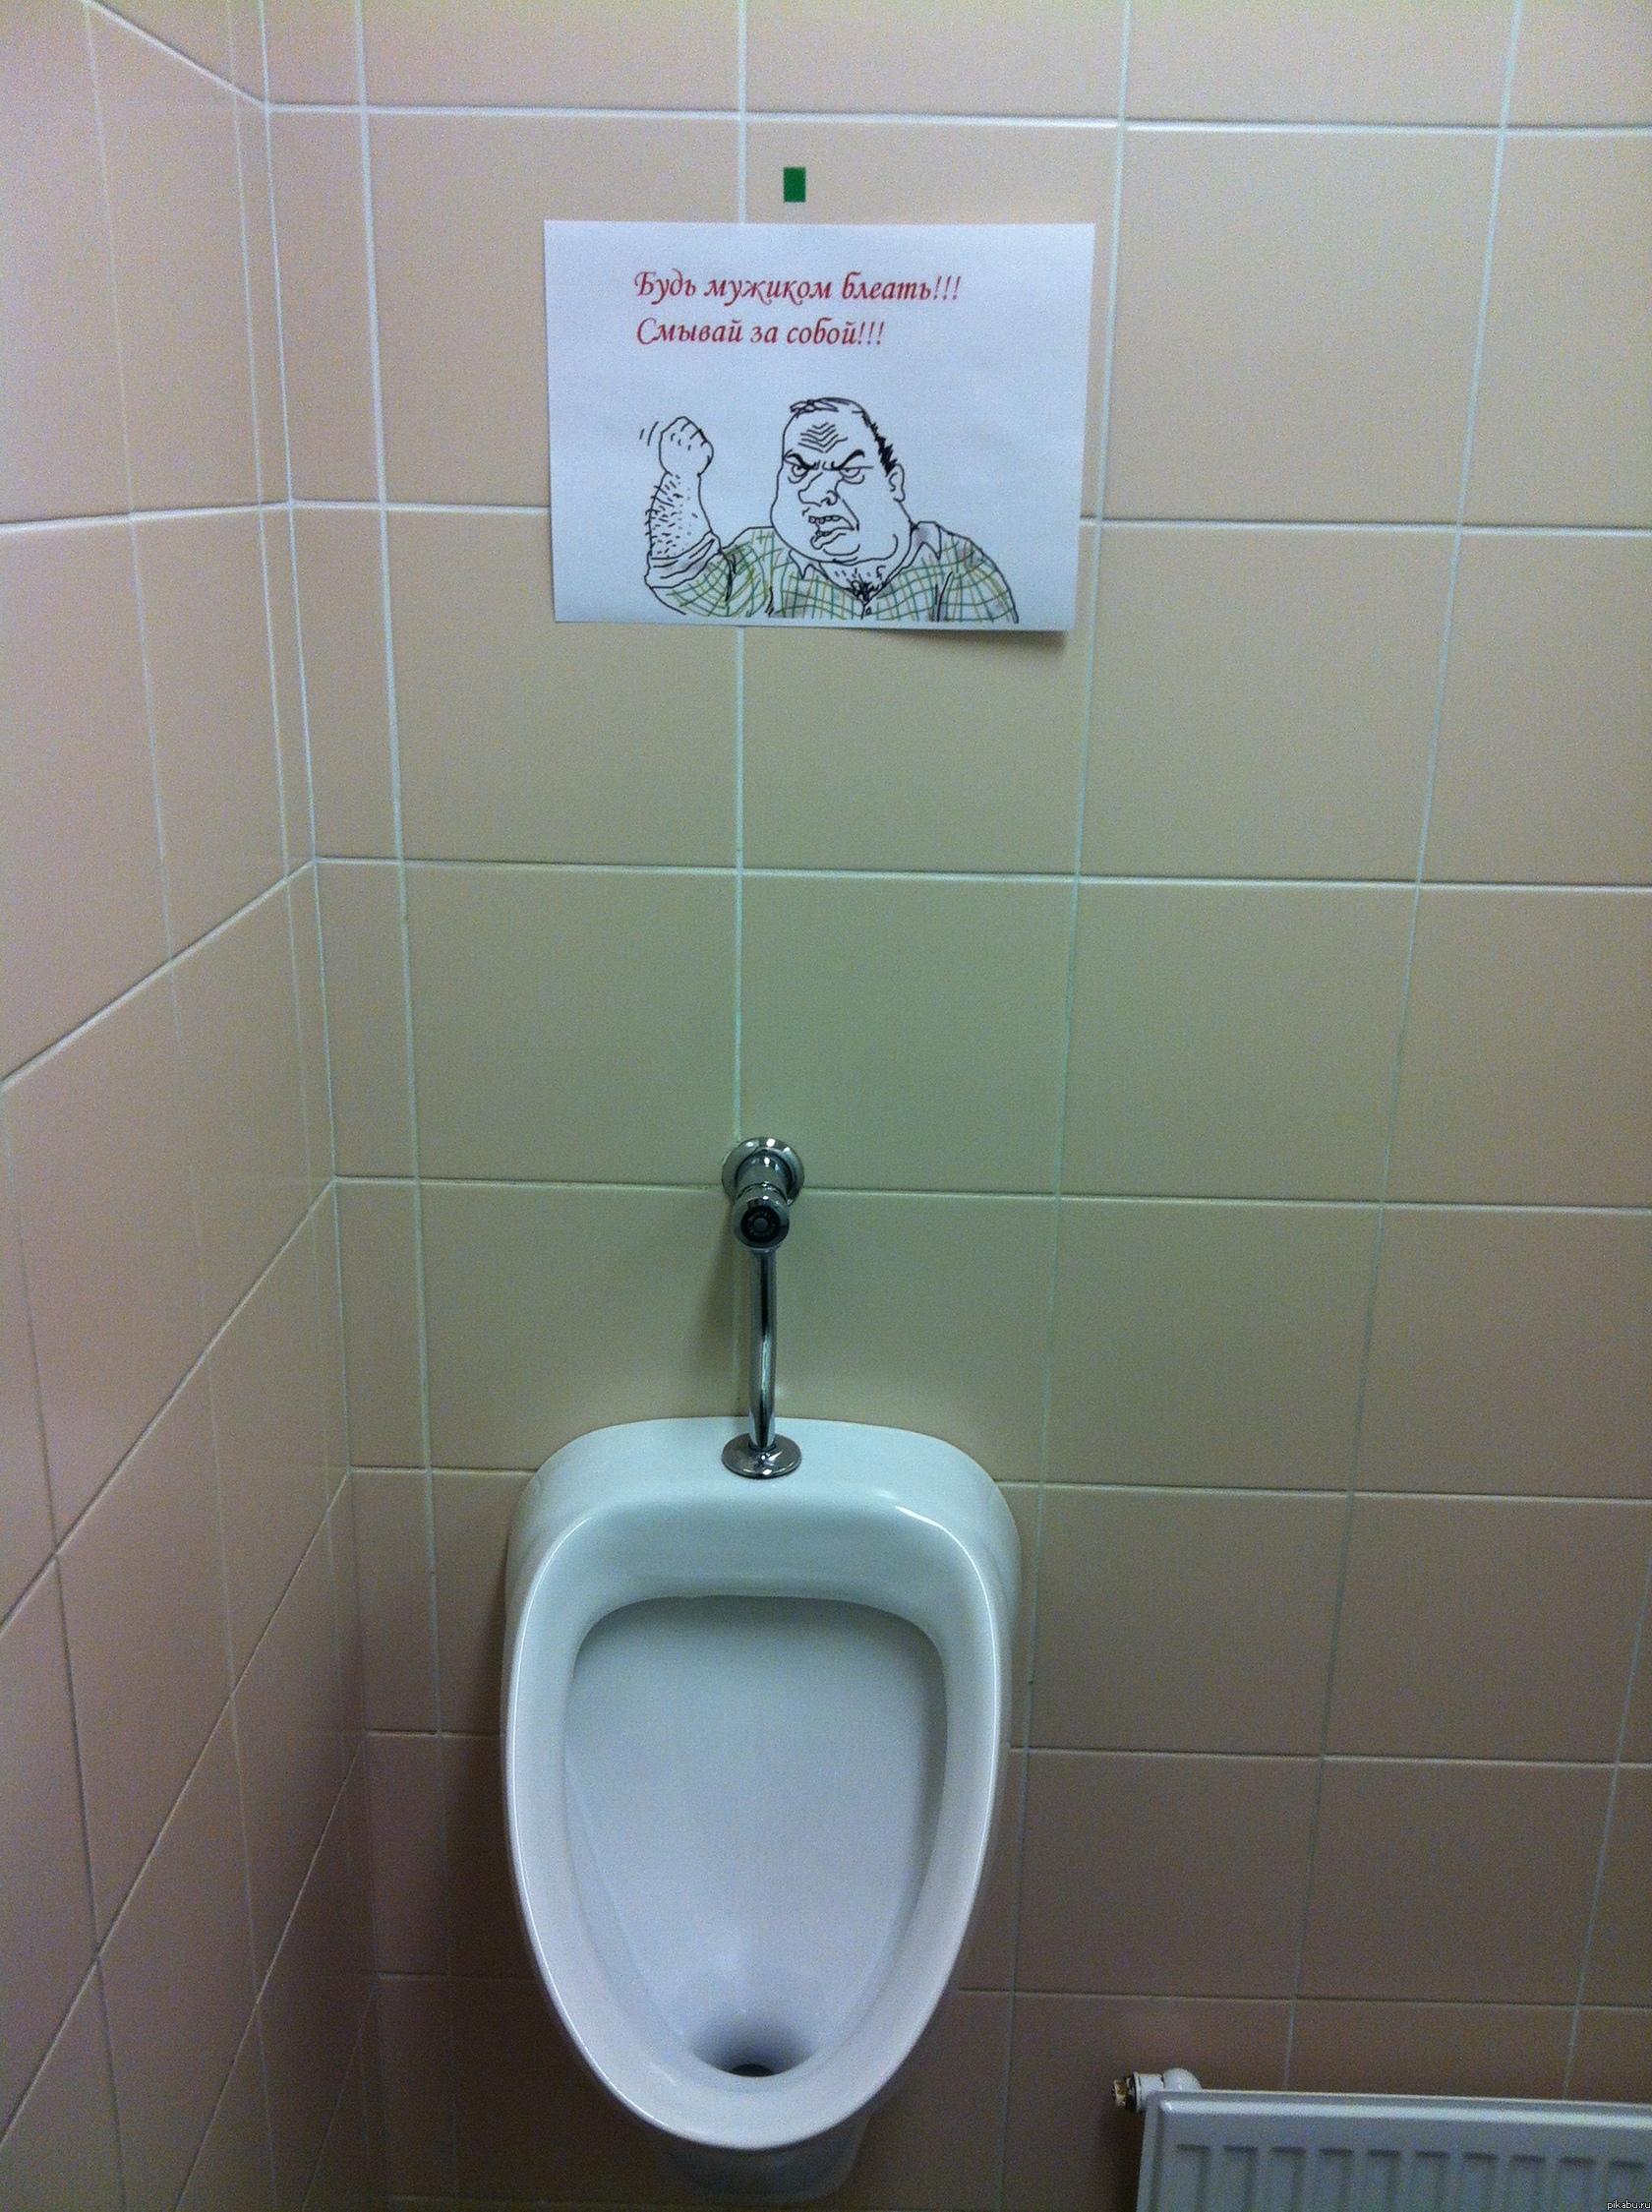 ваше смывайте за собой в туалете табличка необходимо, чтобы зарегистрировать